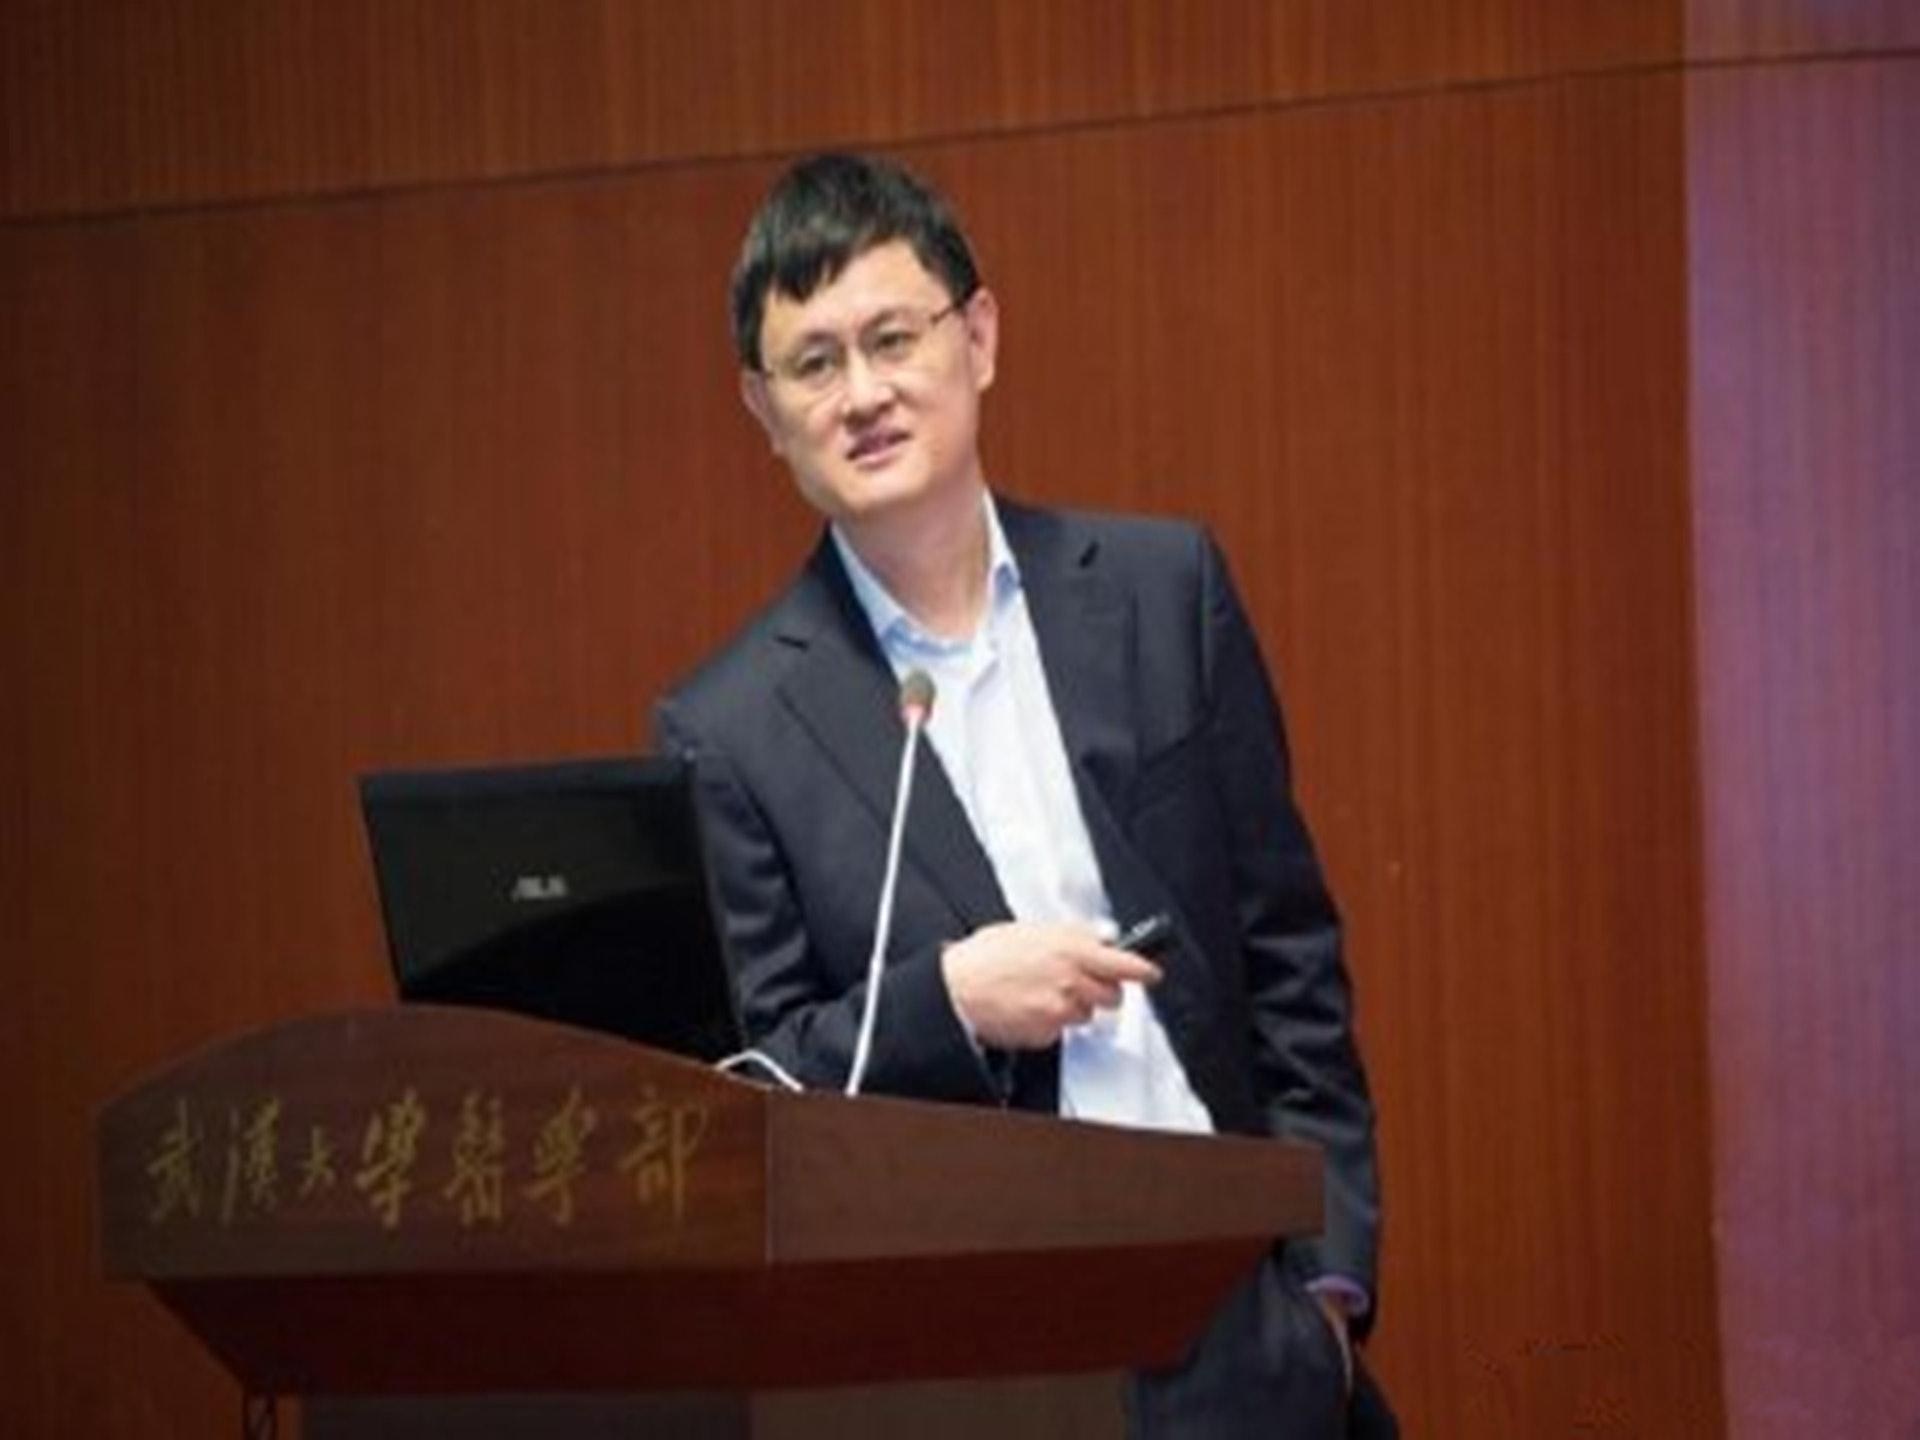 王延轶的丈夫舒红兵,目前担任武汉大学副校长。(微博@CECEDADA)